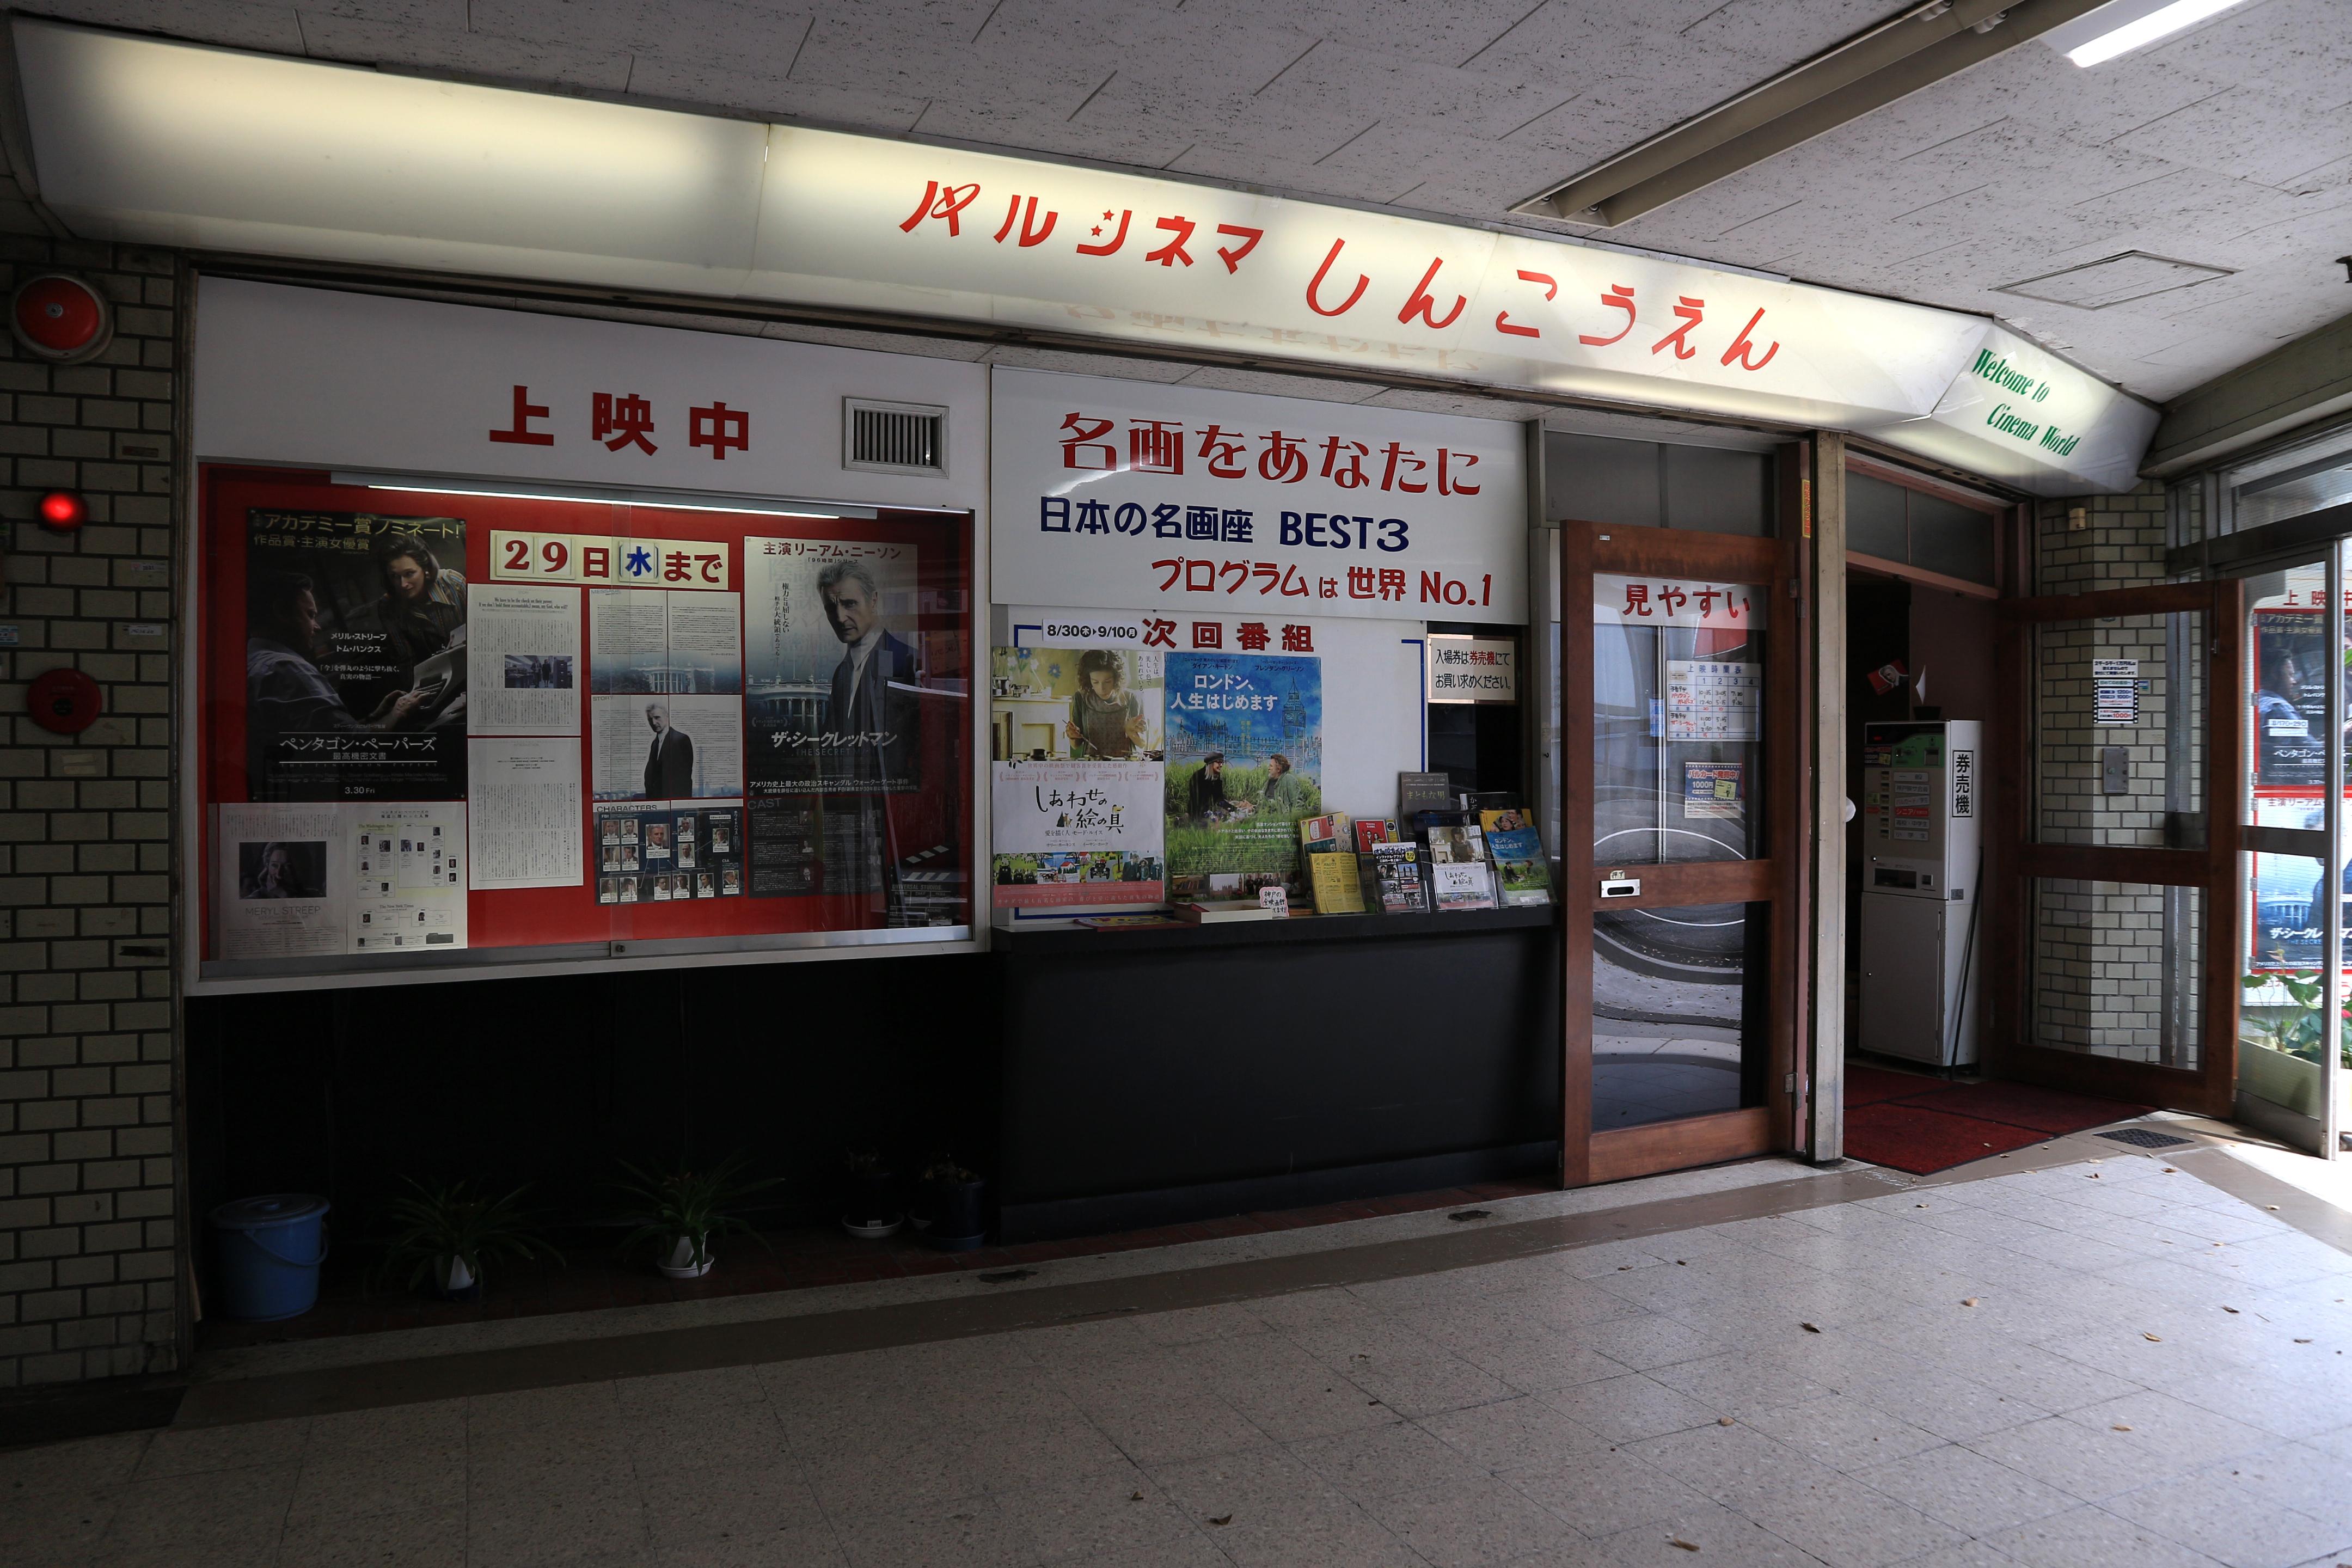 パルシネマしんこうえん(兵庫県)